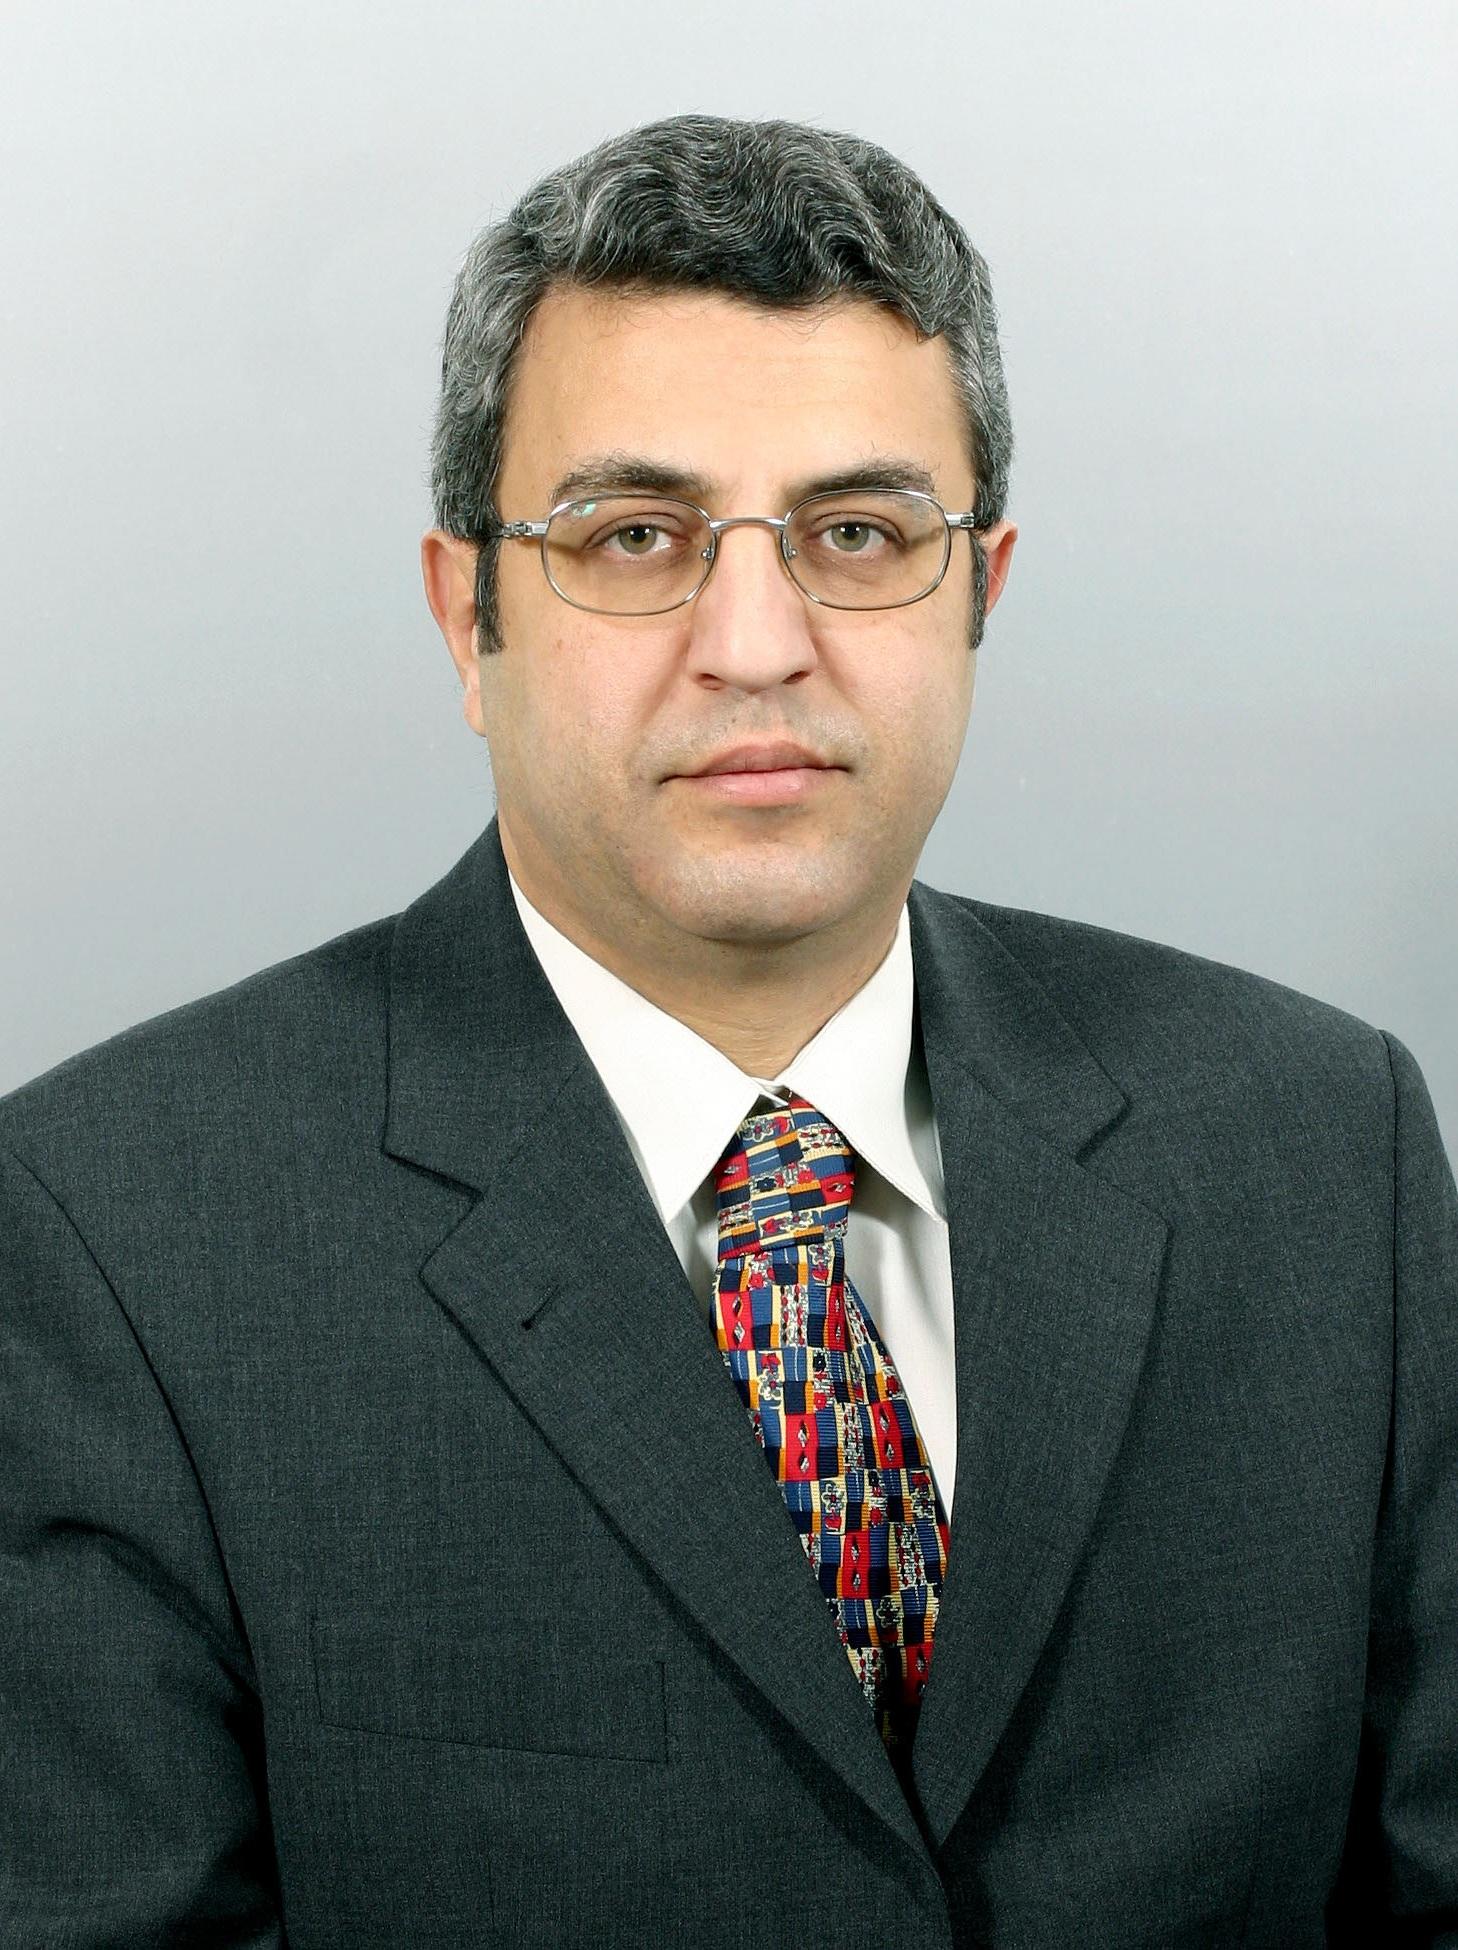 http://www.diplomat.am/author-pics/Vahan_Ter-Ghevondian2.jpg